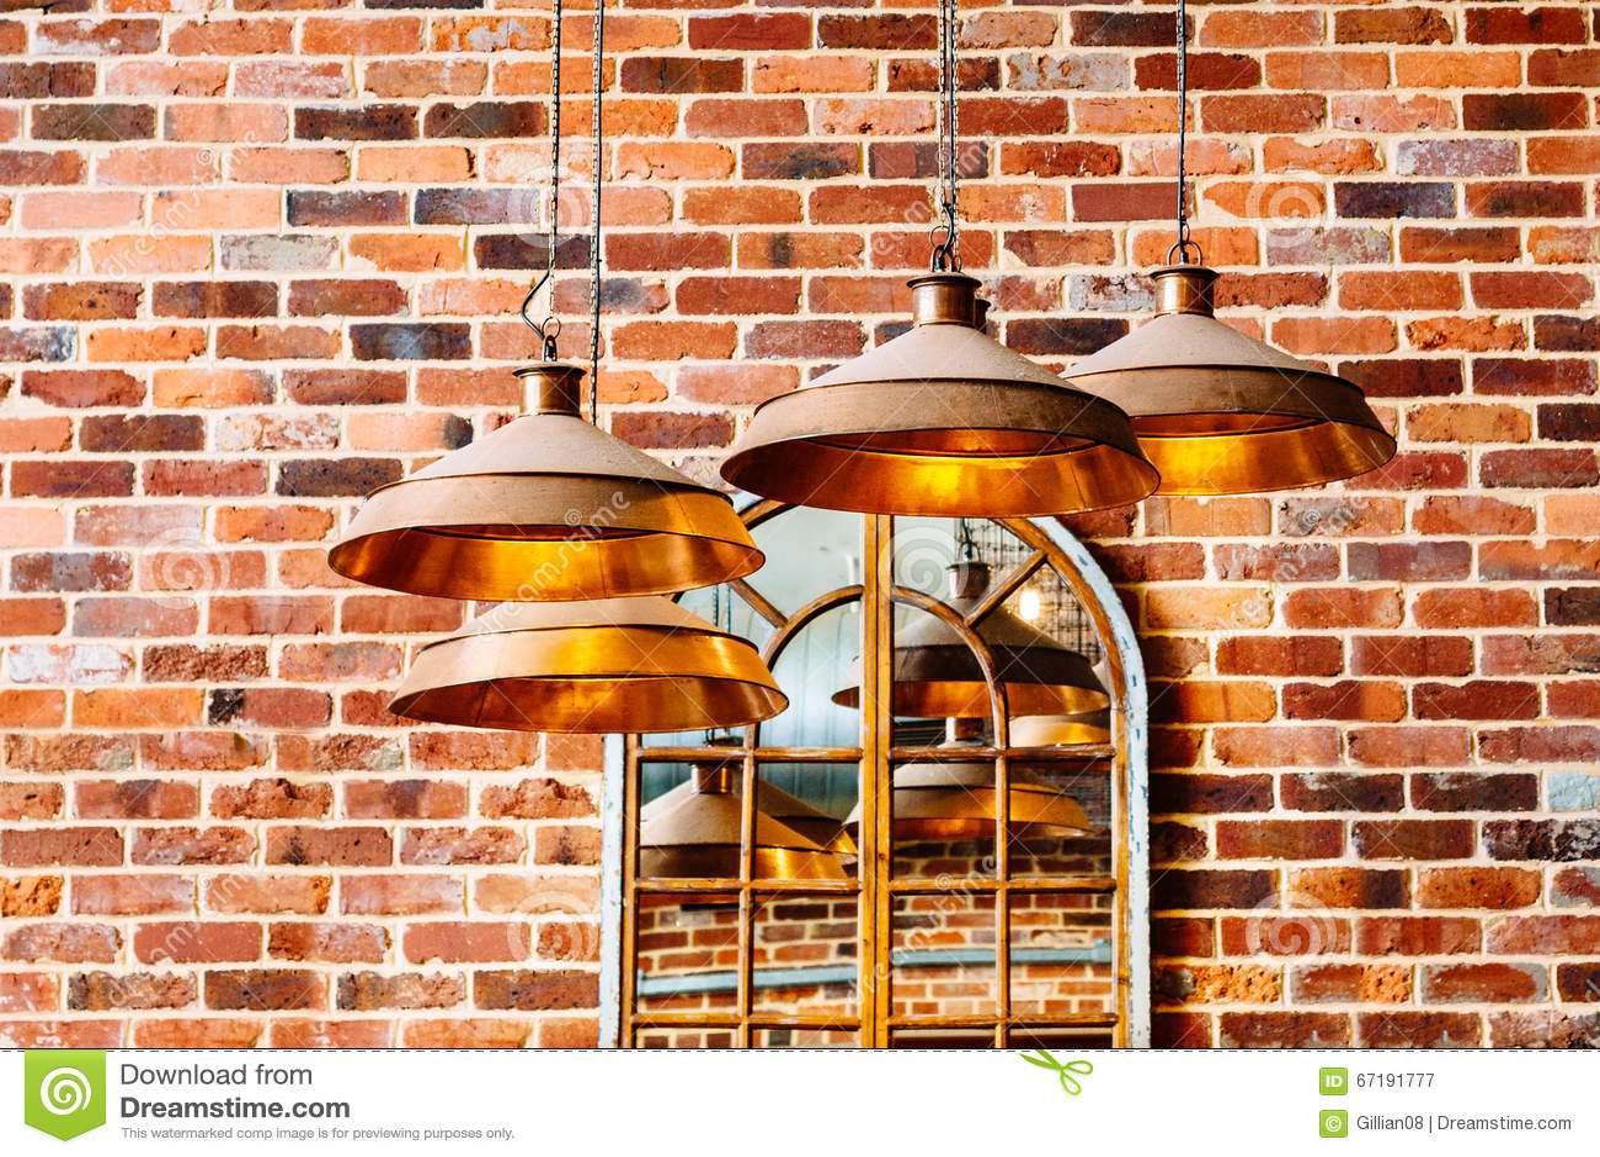 Luci di rame moderne immagine stock. immagine di illuminazione